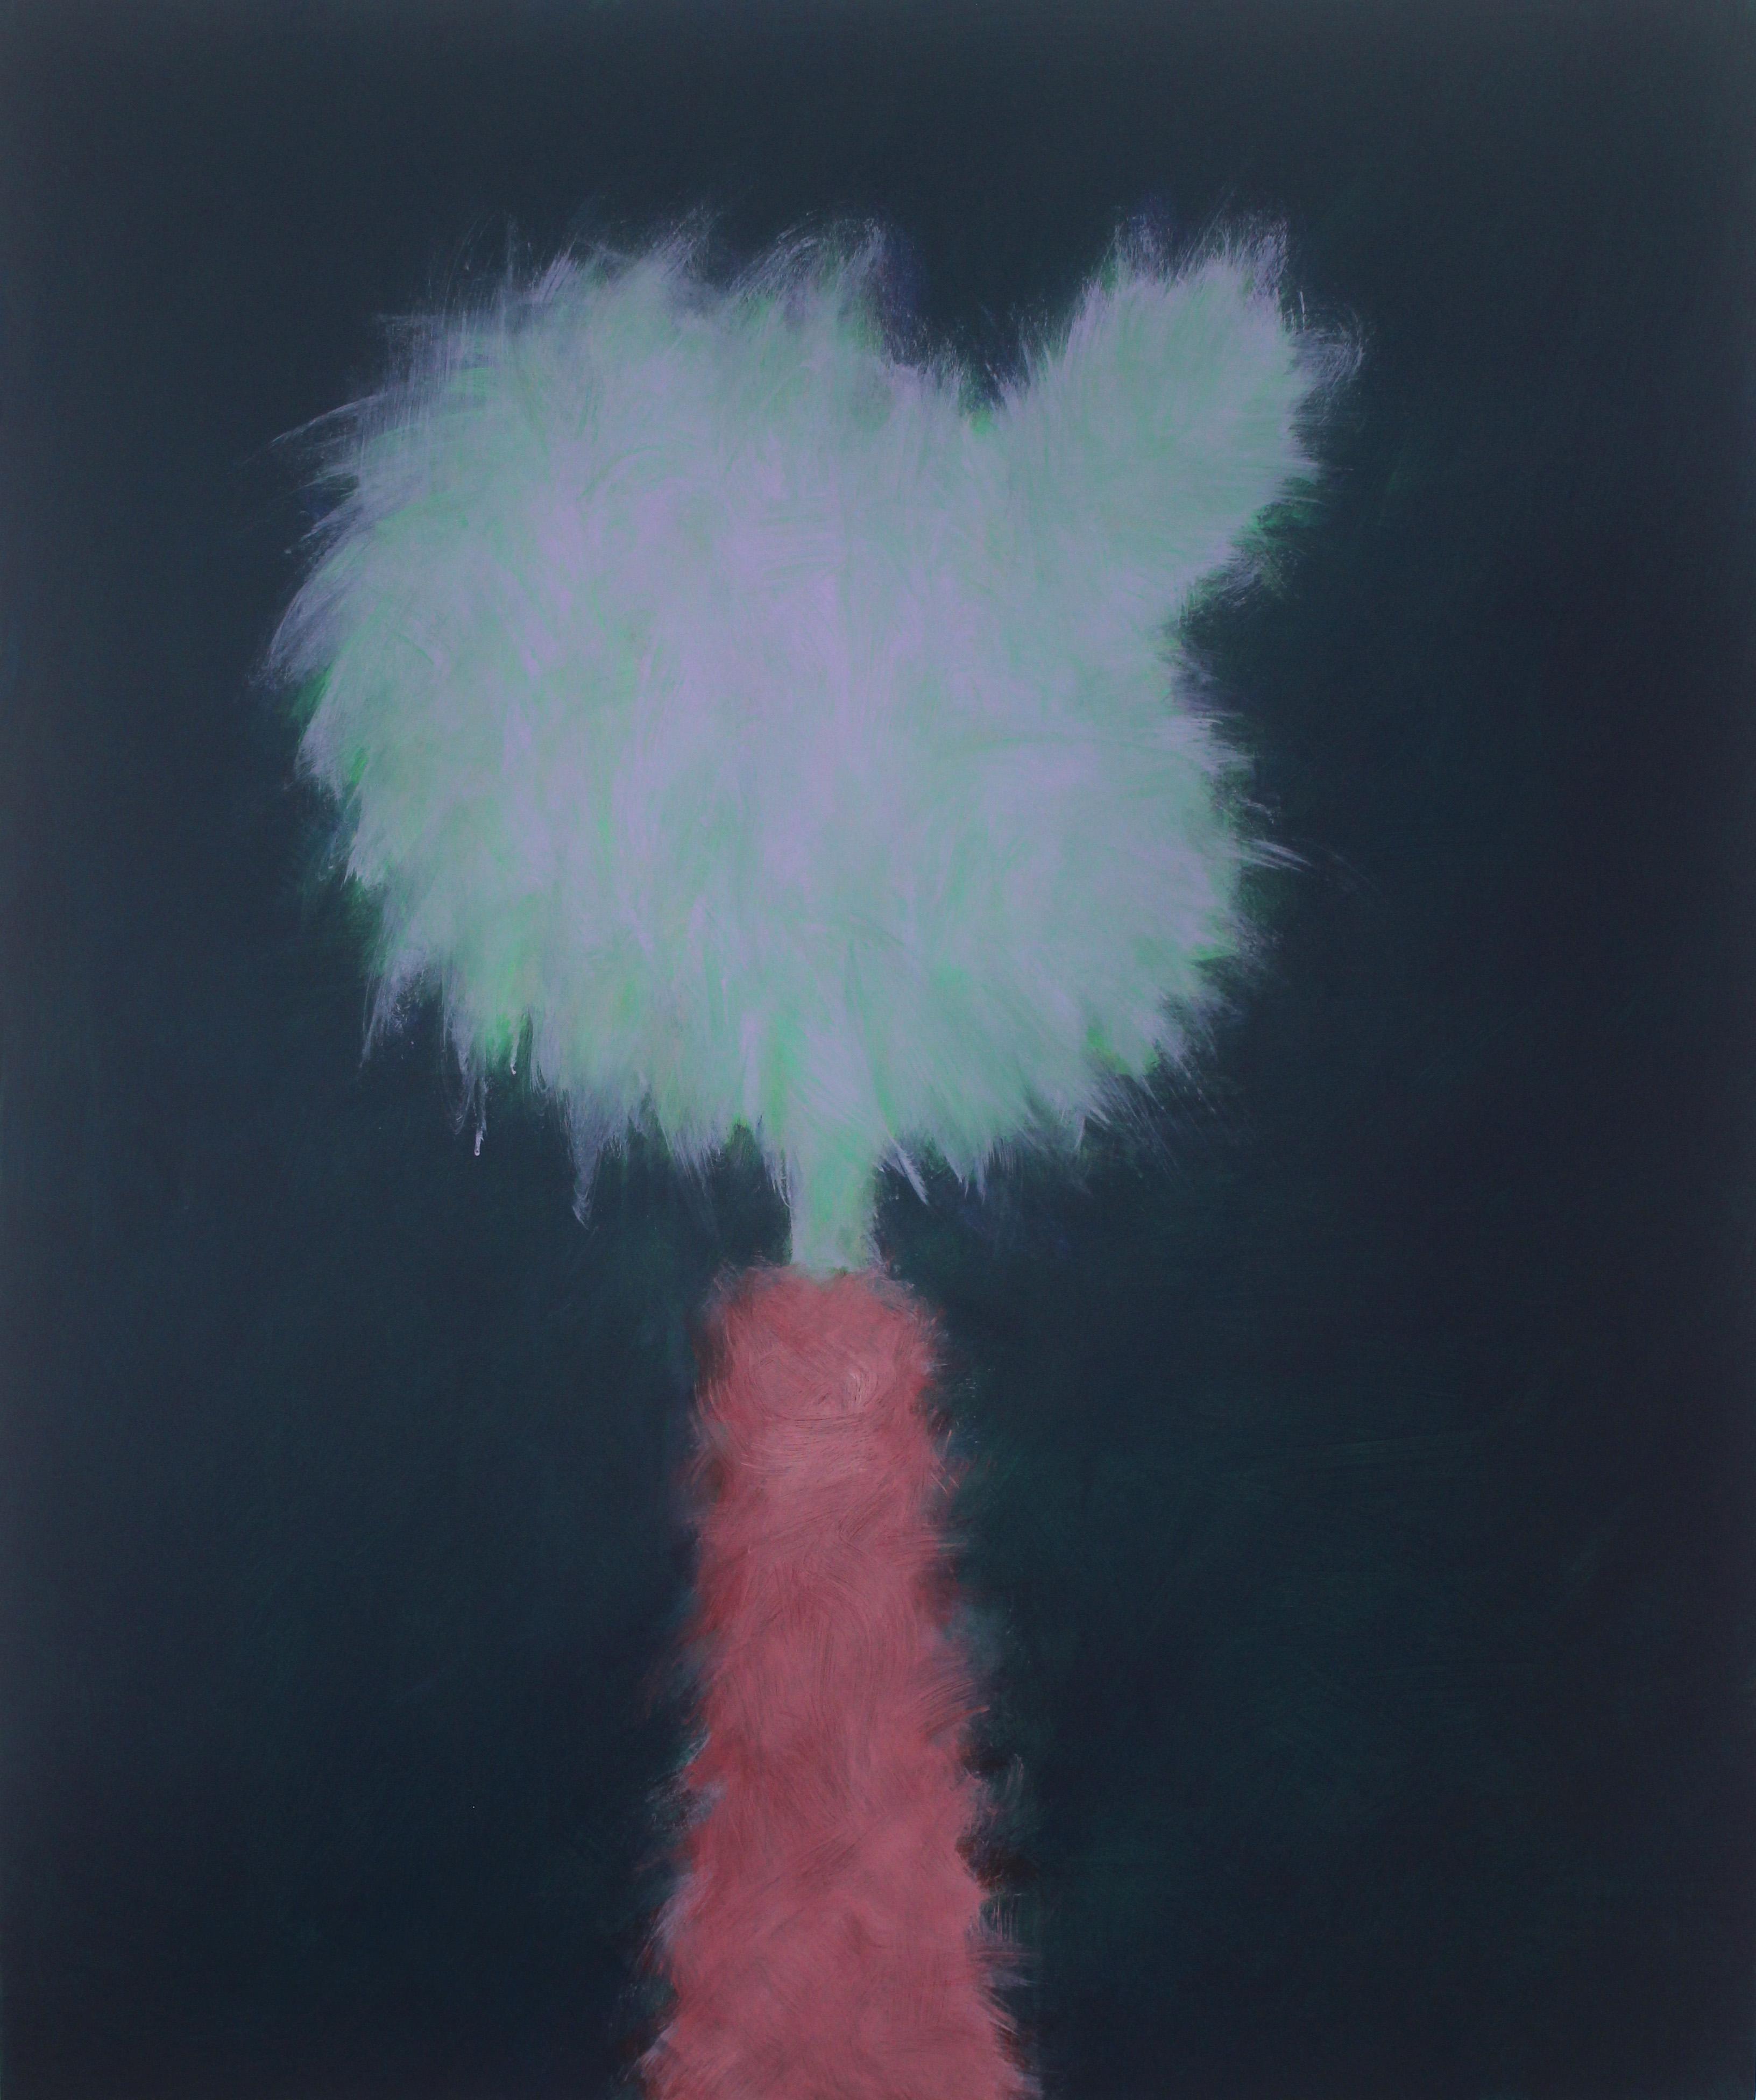 Acrylic on canvas 100x120 cm 2019